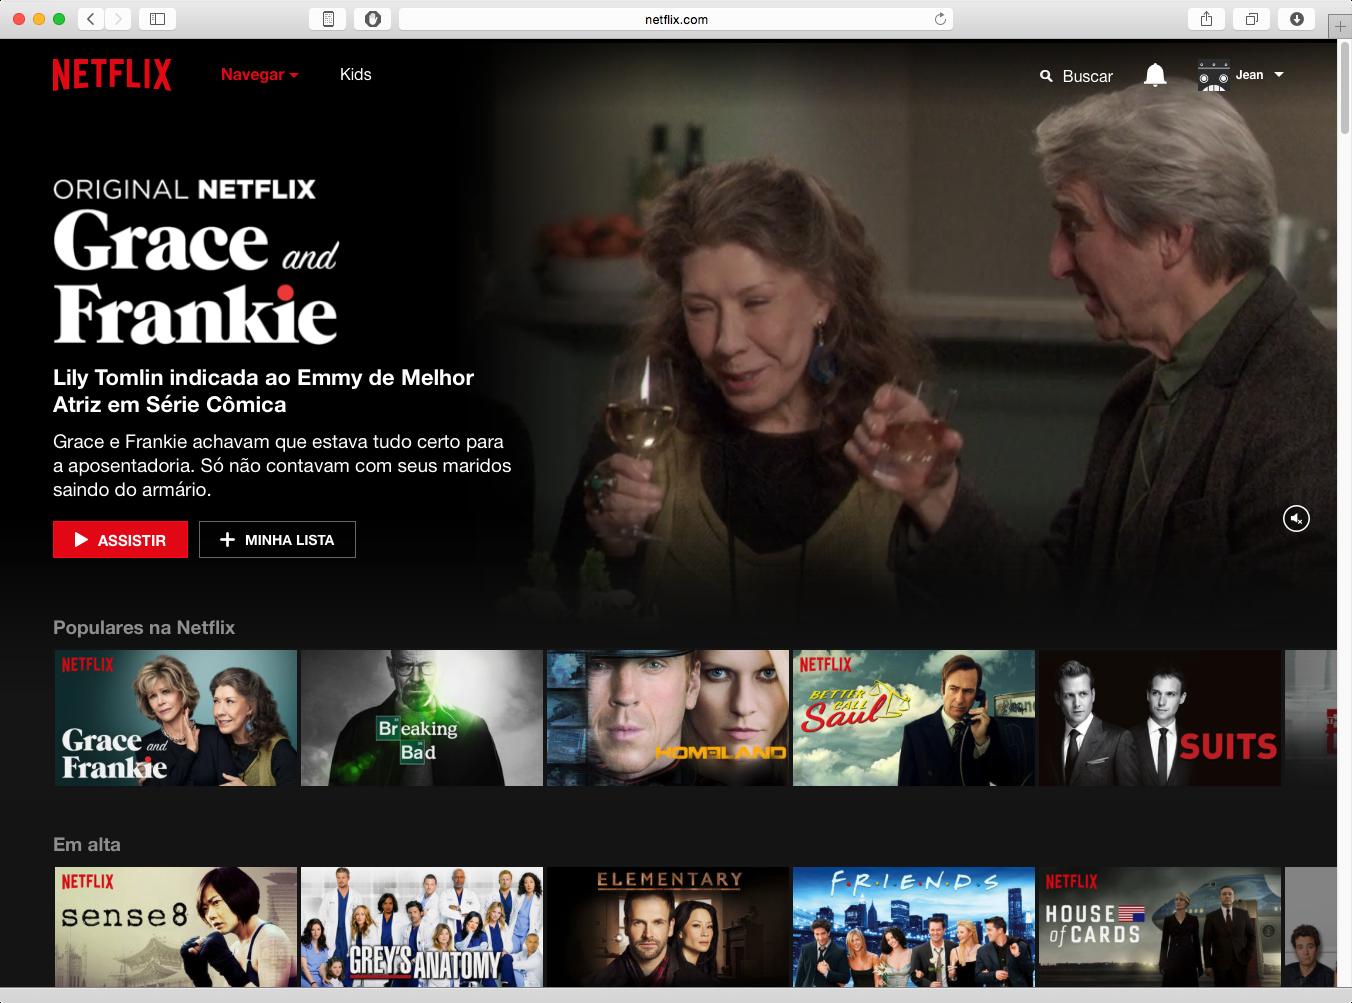 O imposto sobre serviços de streaming como Netflix e Spotify é inconstitucional? – Tecnoblog